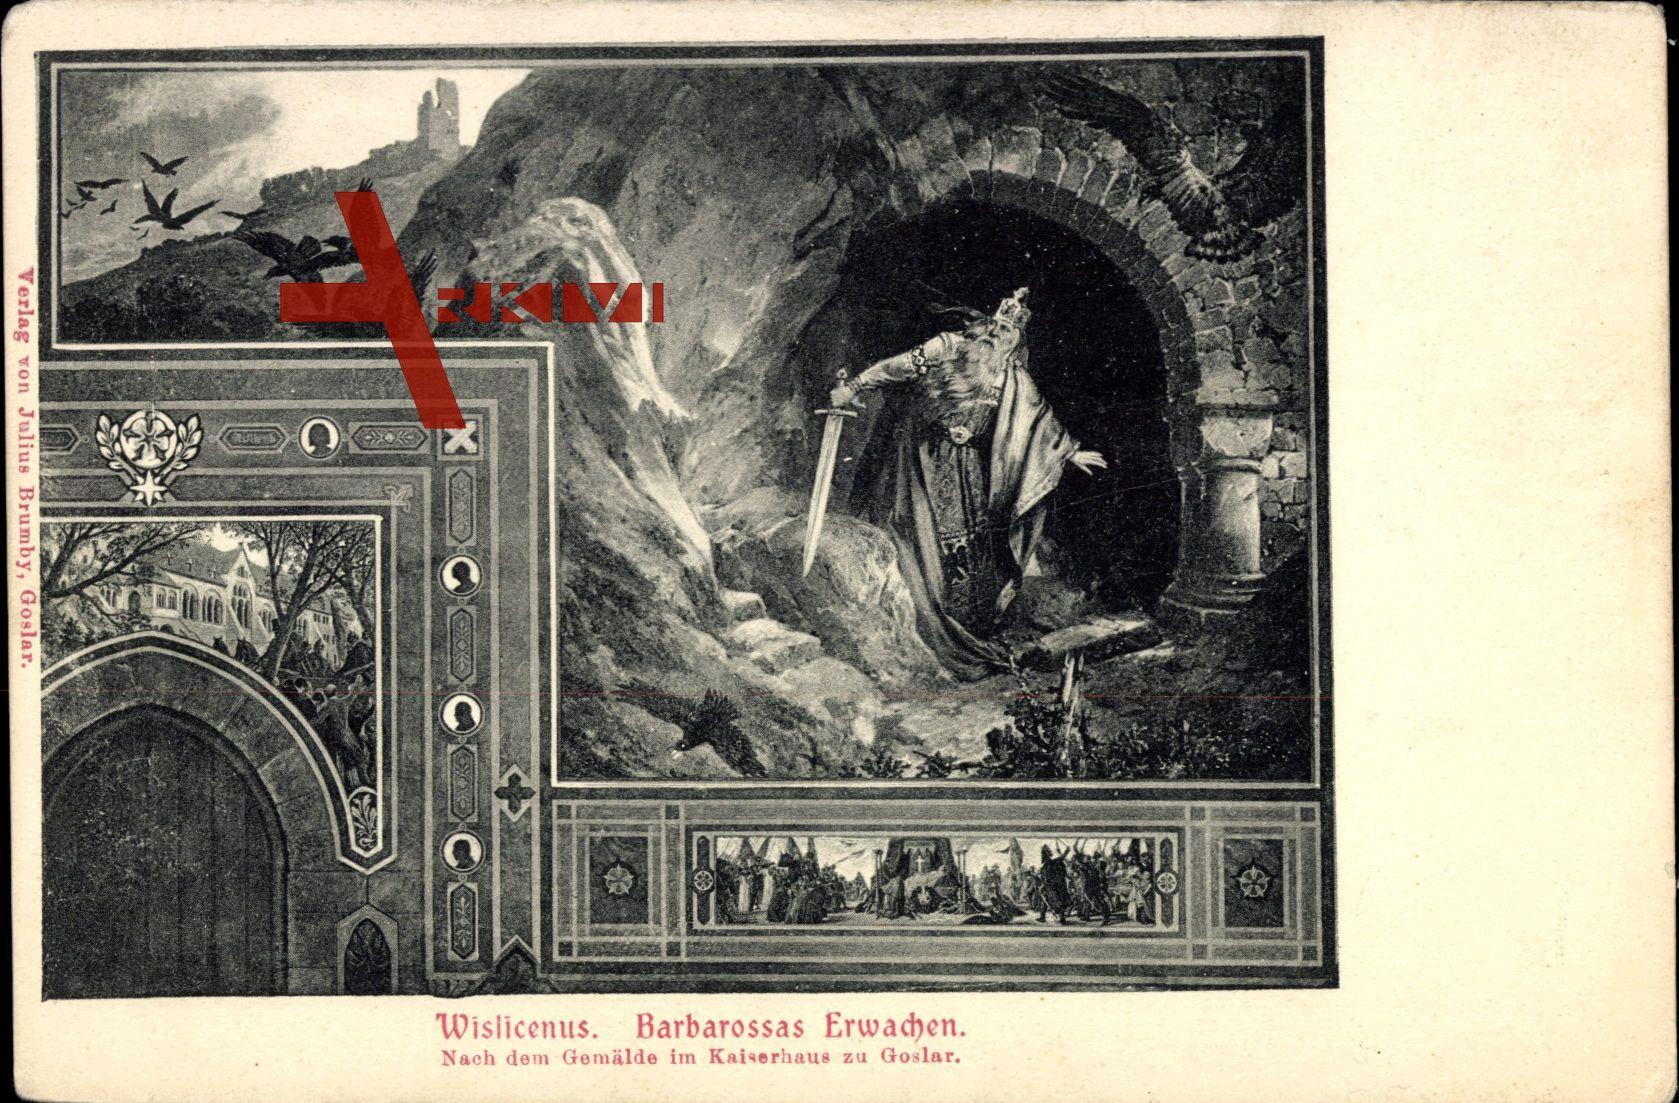 Goslar am Harz, Wislicenus, Barbarossas Erwachen, Gemälde im Kaiserhaus